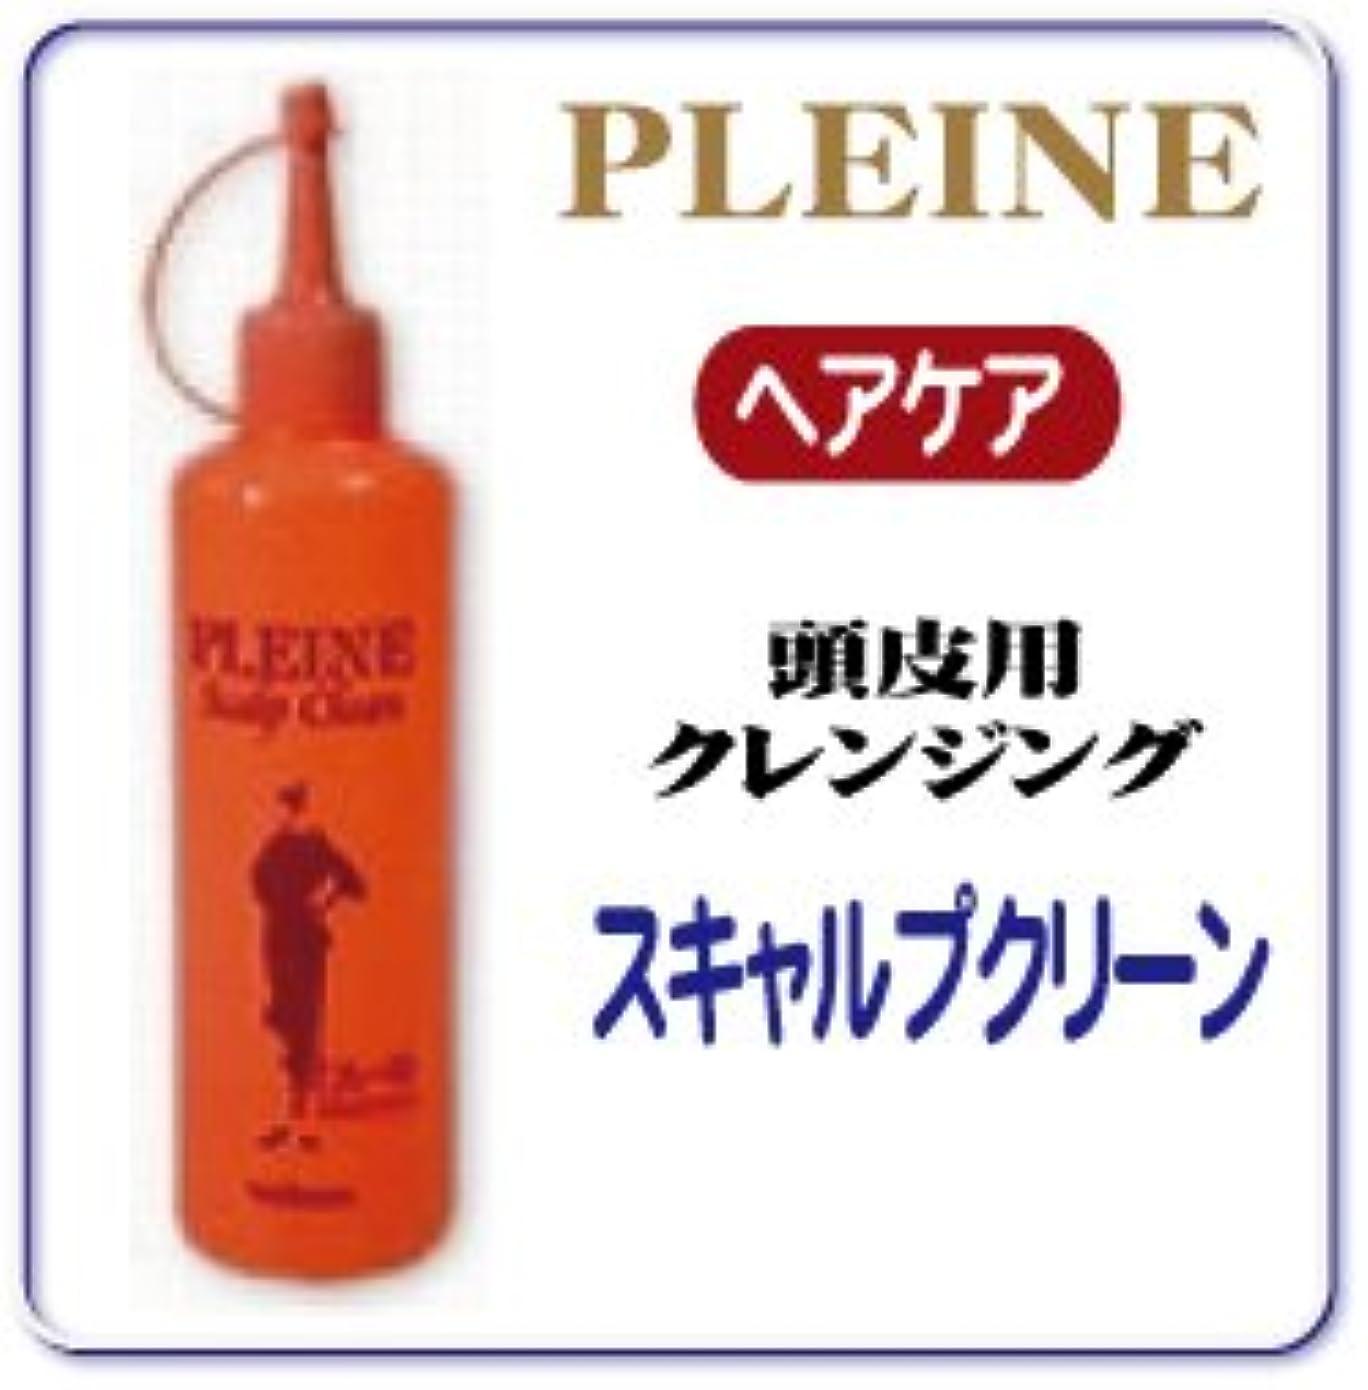 祝うシフト位置づけるベルマン化粧品 PLEINEシリーズ  スキャルプクリーン  頭皮用クレンジング 300ml